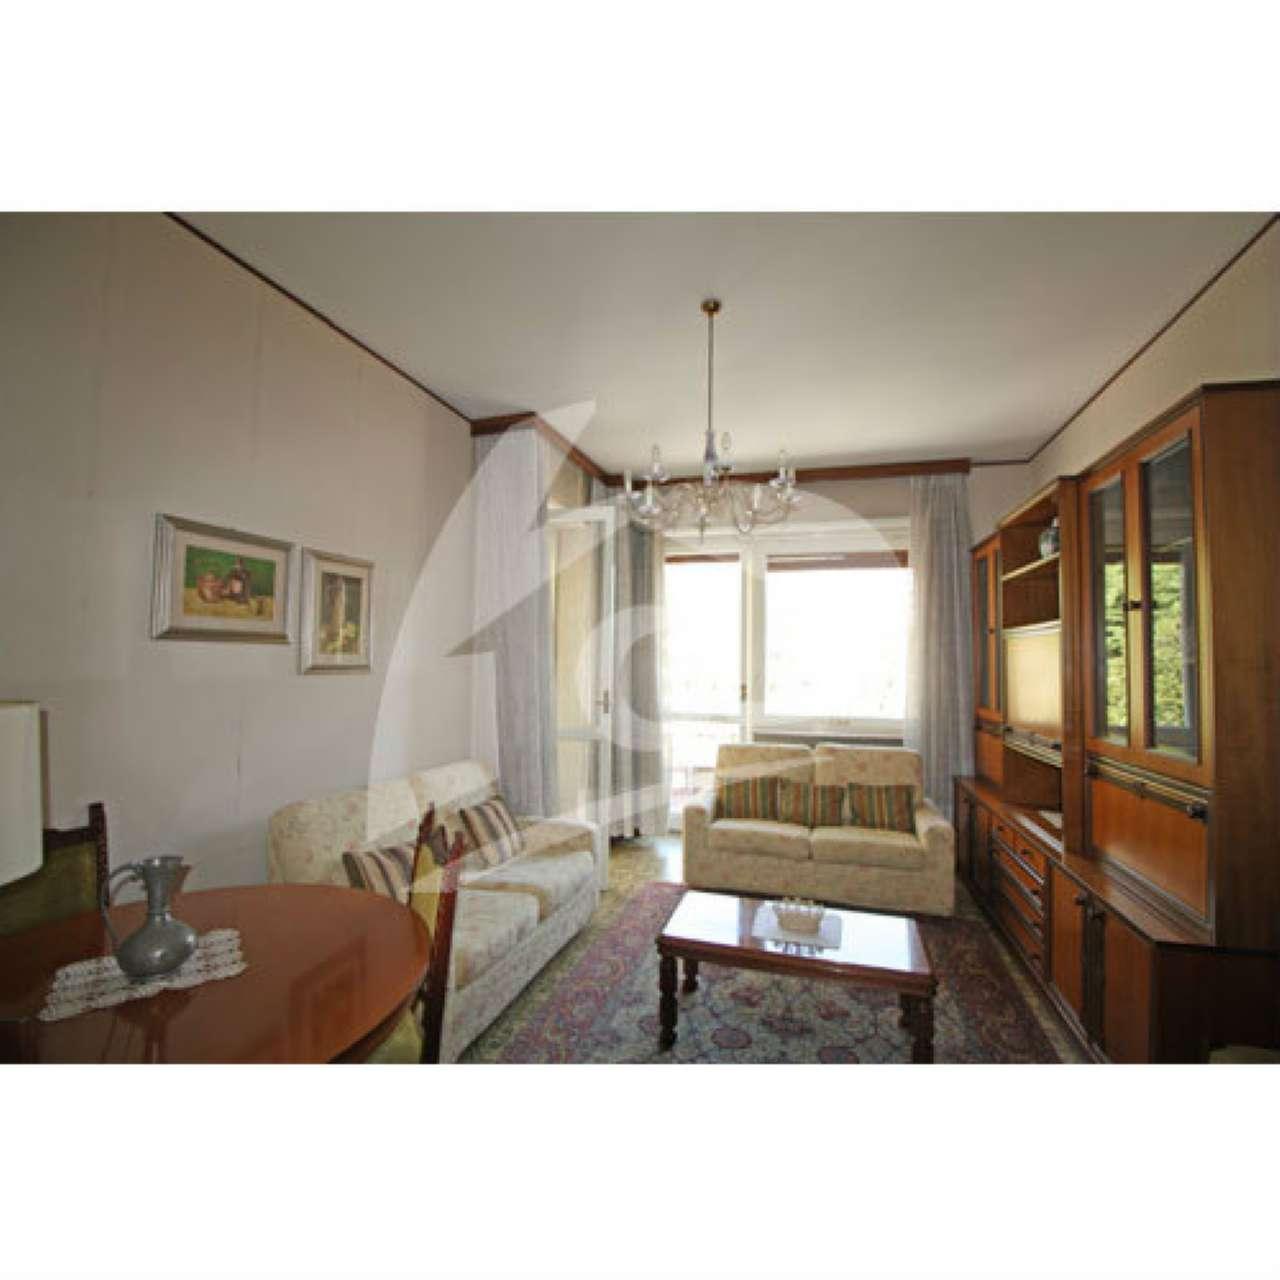 Appartamento in vendita a Laveno-Mombello, 2 locali, prezzo € 118.000 | PortaleAgenzieImmobiliari.it